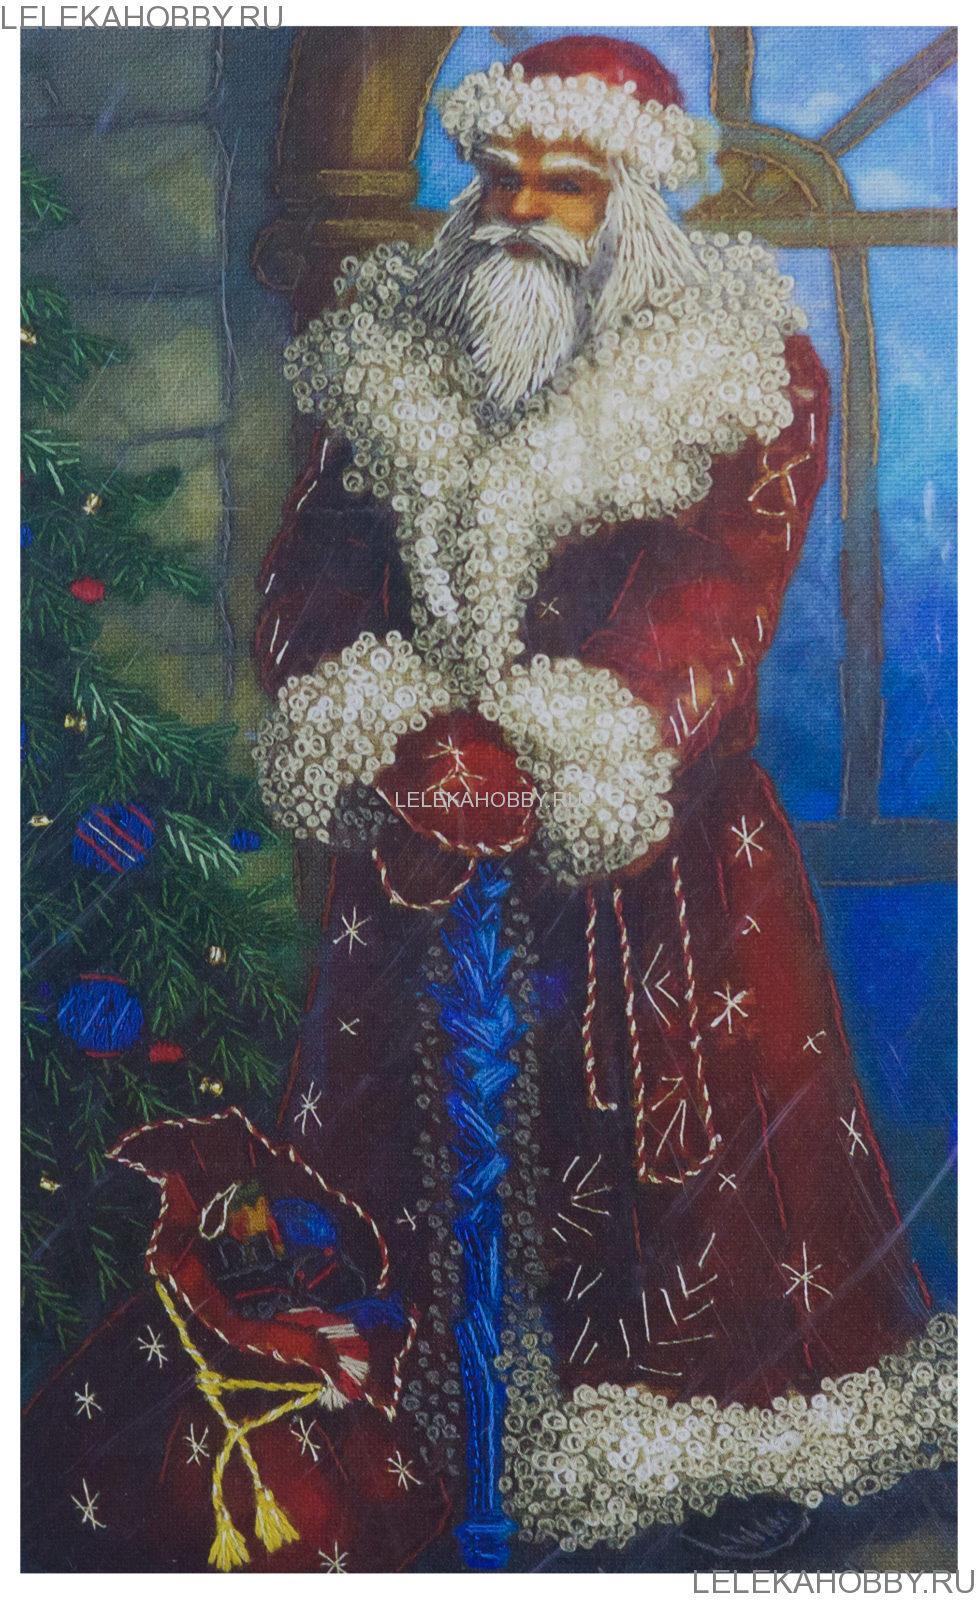 Панна открытка дед мороз, надписью